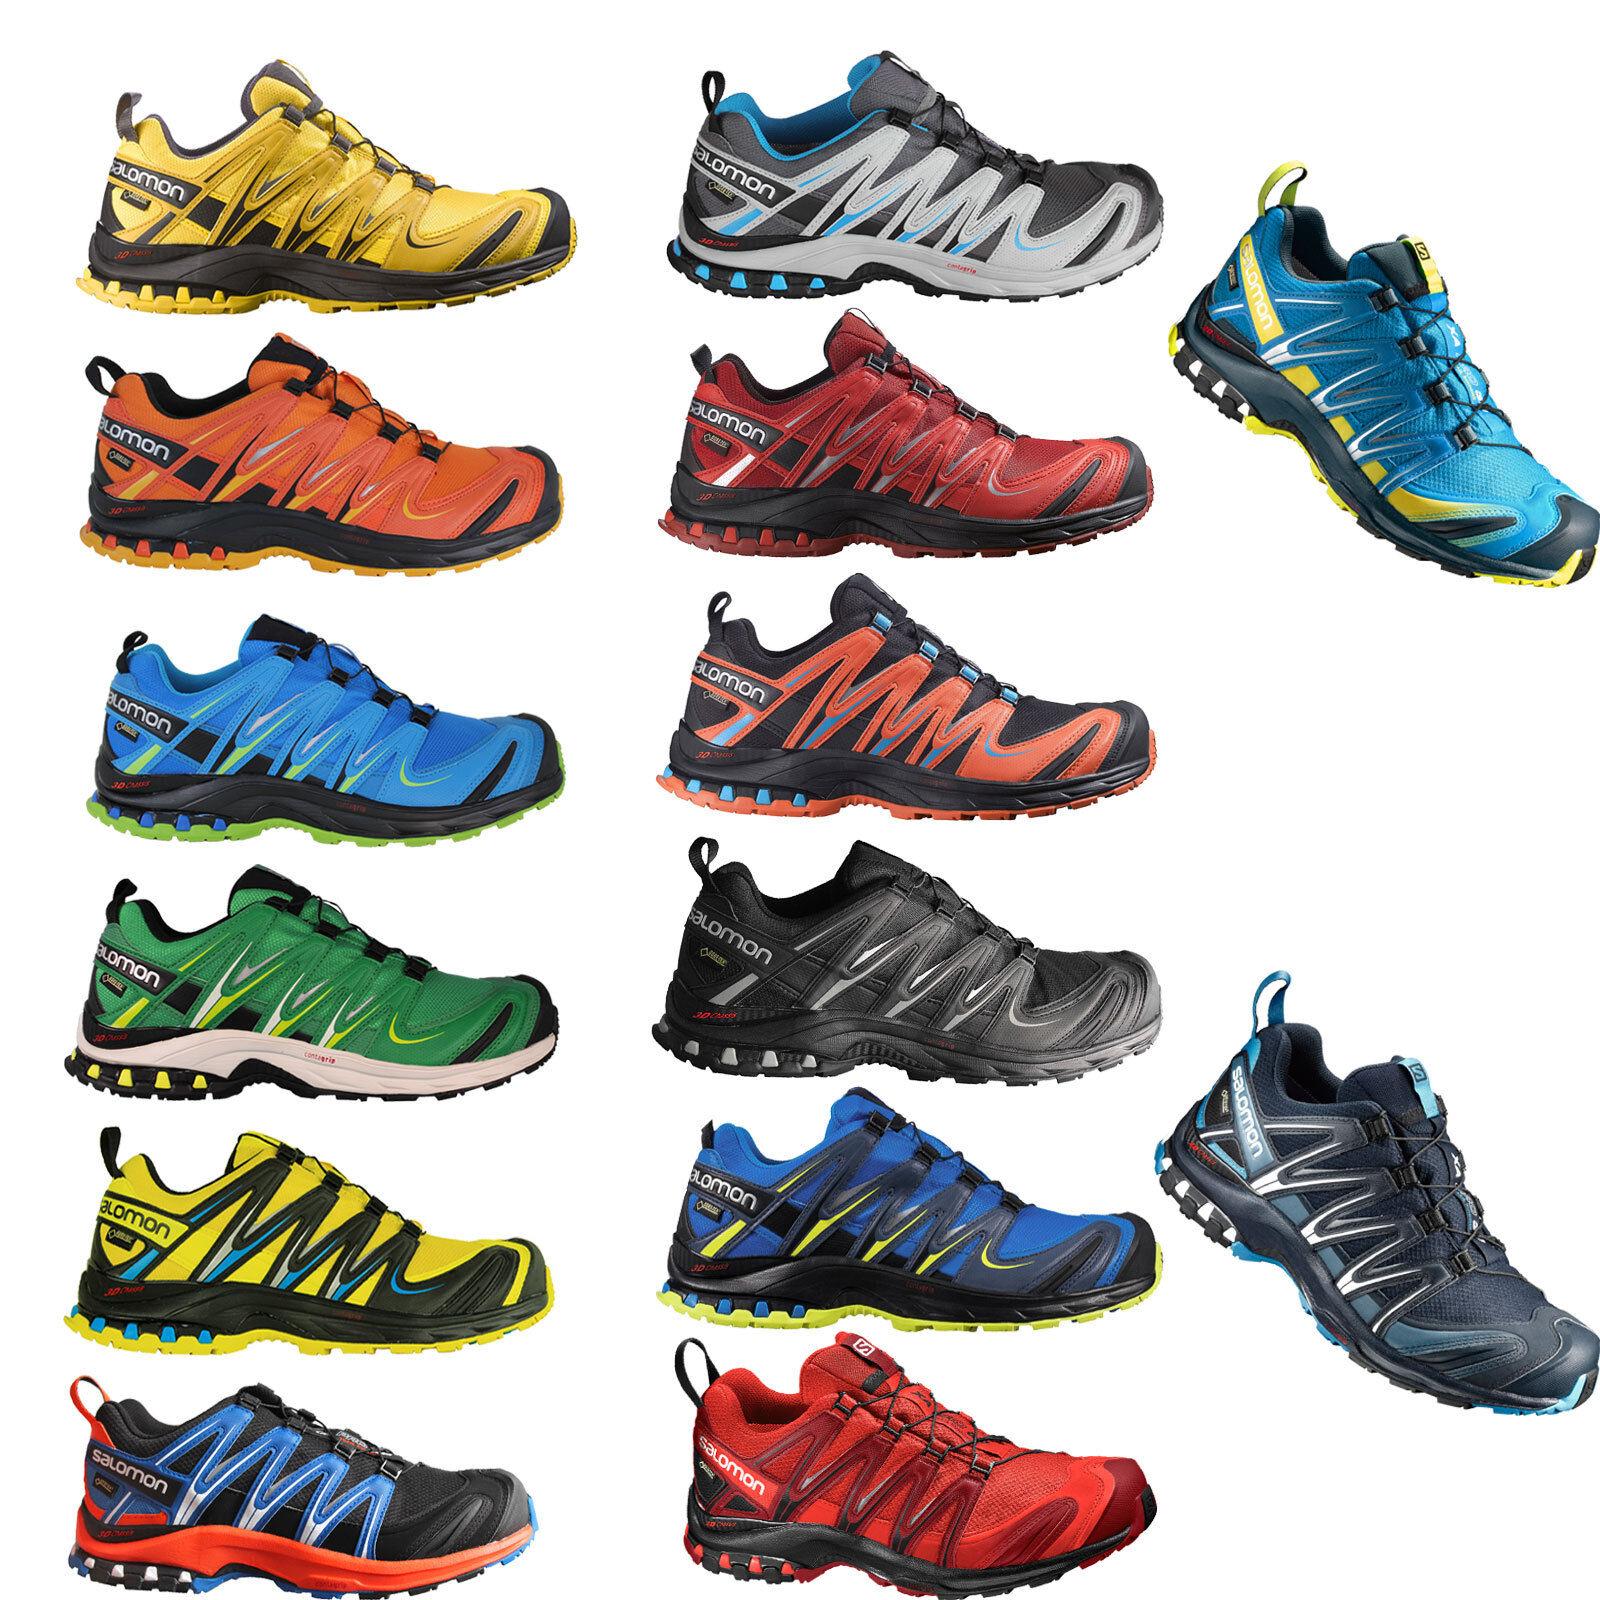 Salomon XA Pro 3d GTX Men s Running Shoes Jogging Outdoor Shoes Waterproof  EUR 40 (uk 6 5) Autobahn (379315) for sale online  be4f1023bbf